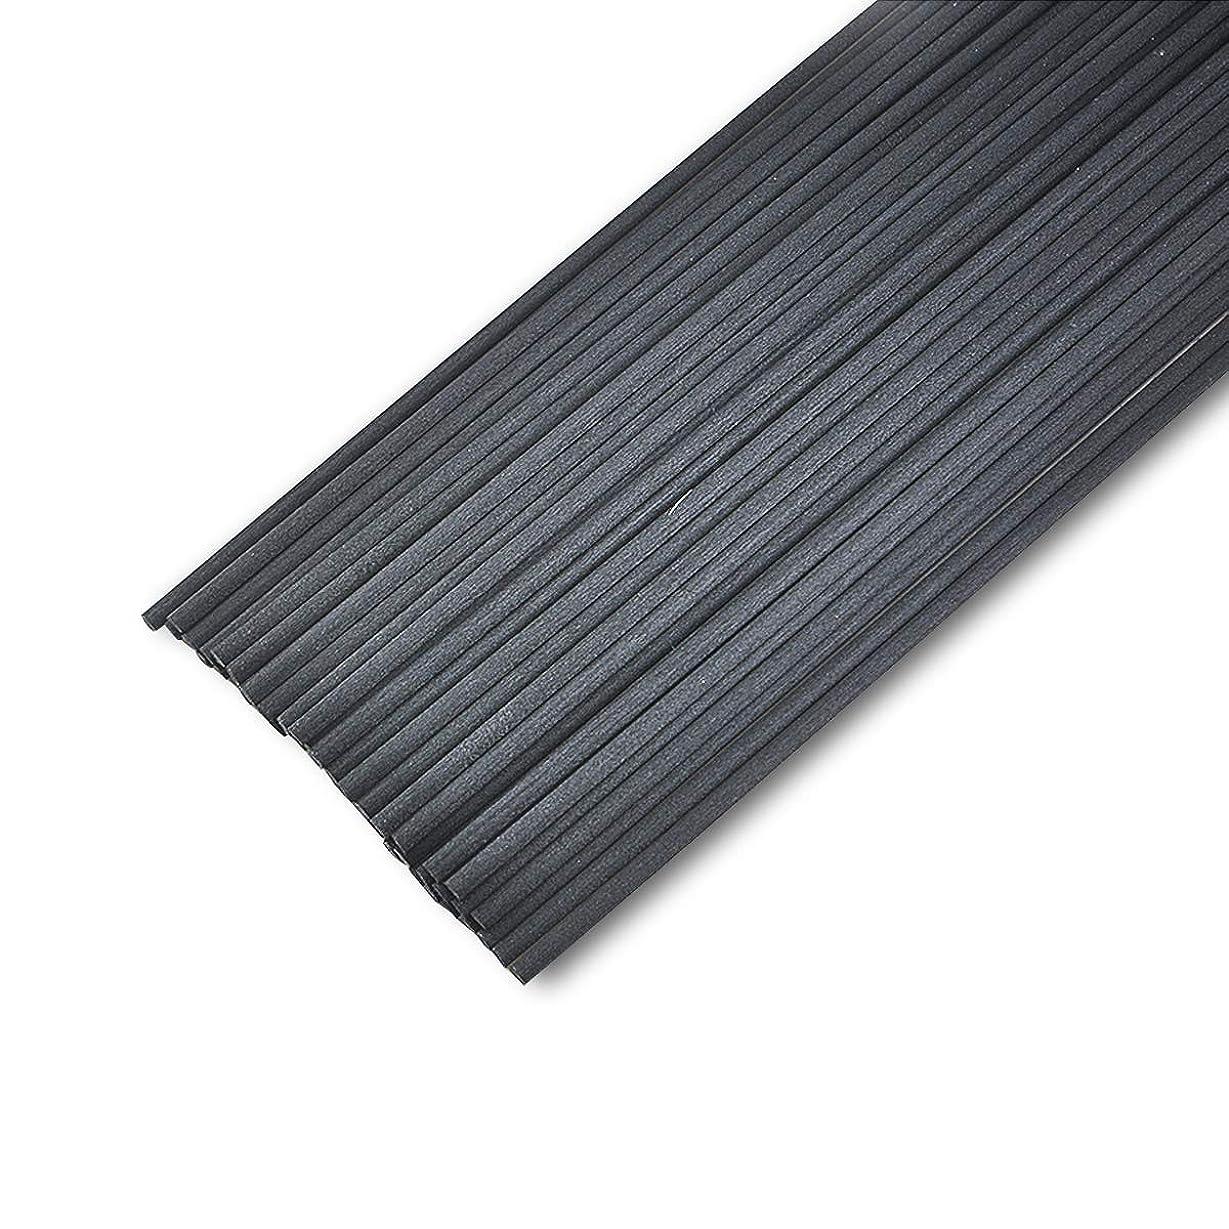 定義着る適応的50本入アロマファイバーディフューザー交換用スティック(20cm*3mm,黒)